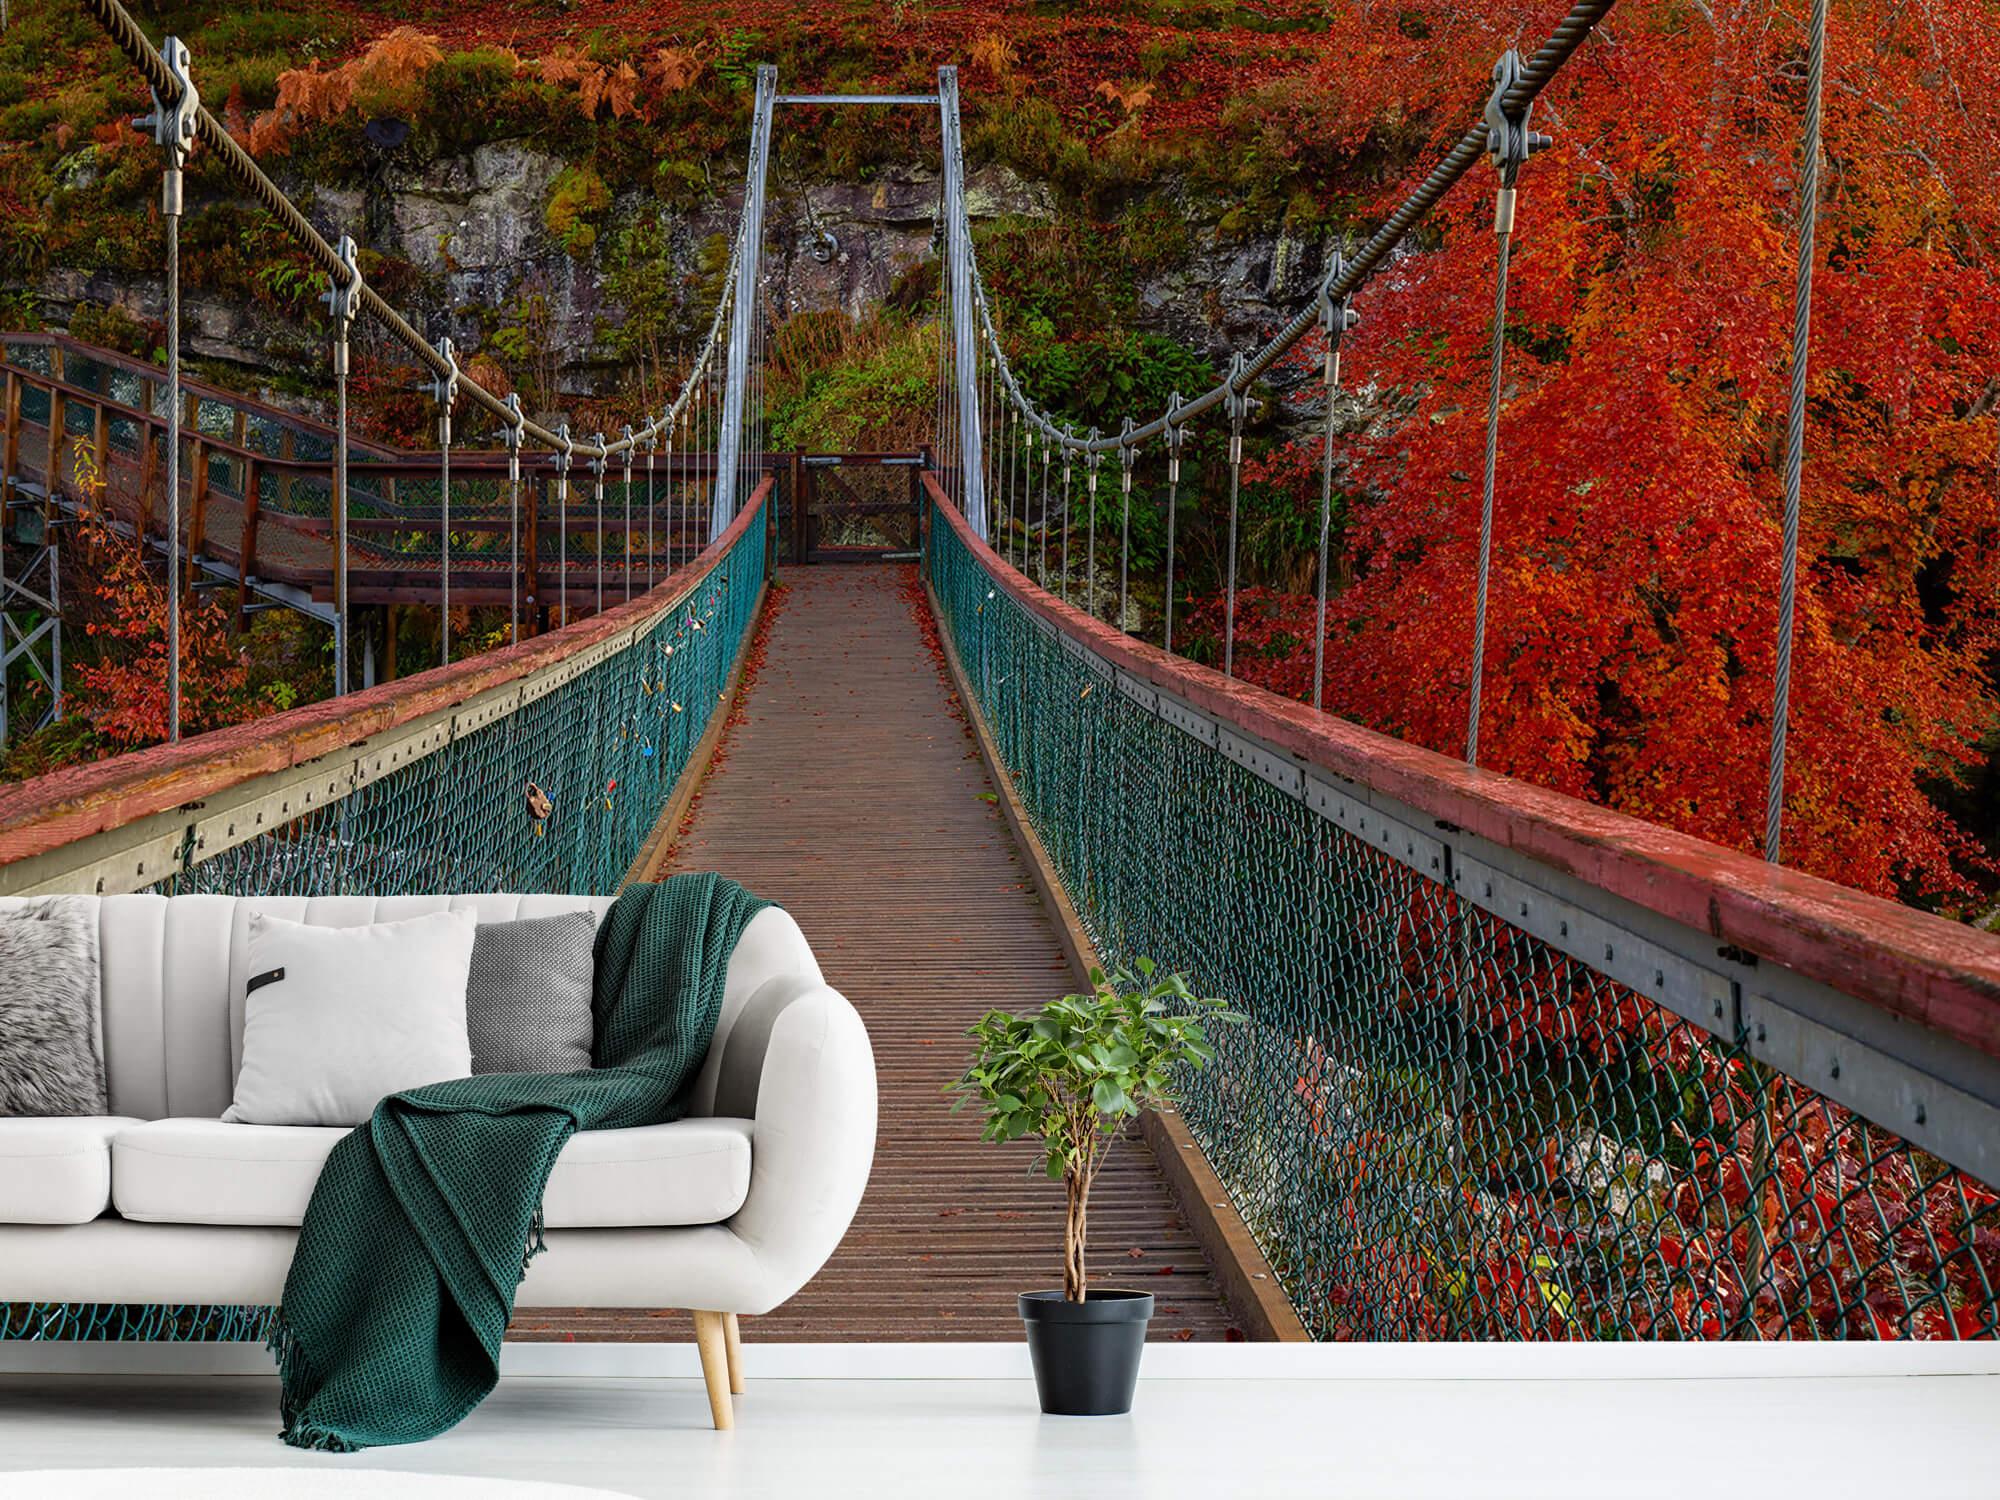 Herfst - Brug in herfstige omgeving - Slaapkamer 8